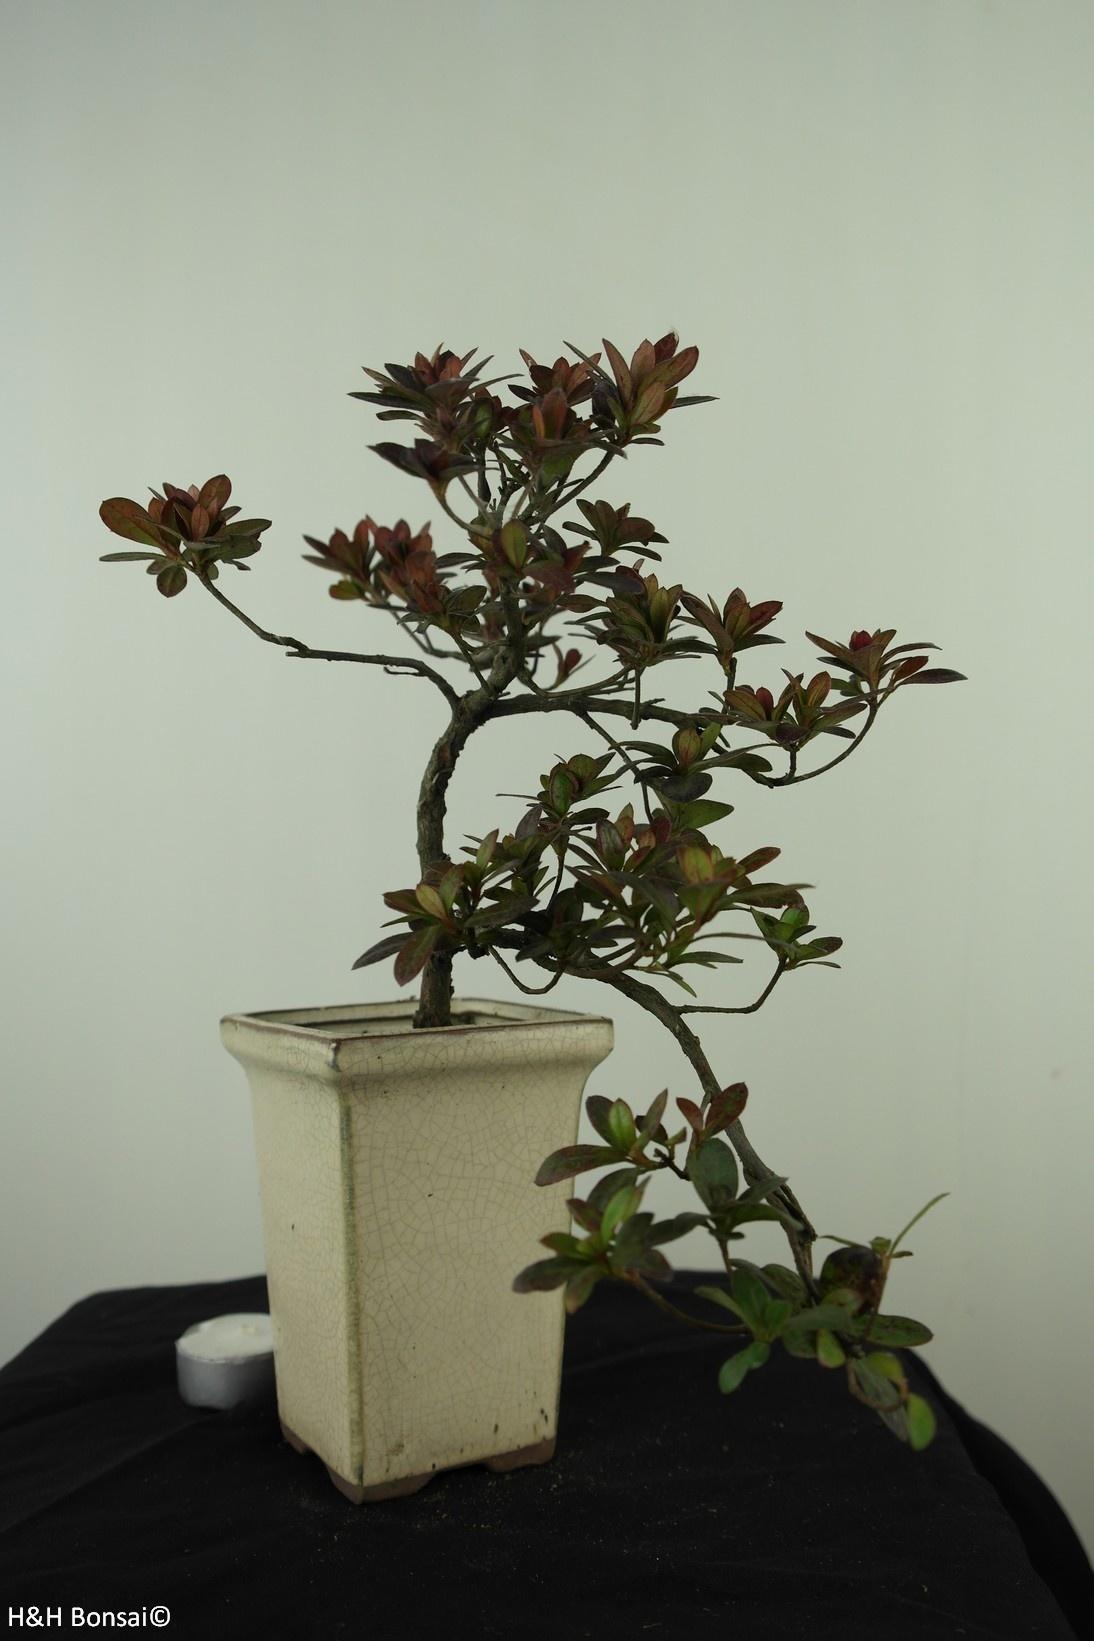 Bonsai Azalea Rhododendron indicum, no. 7542